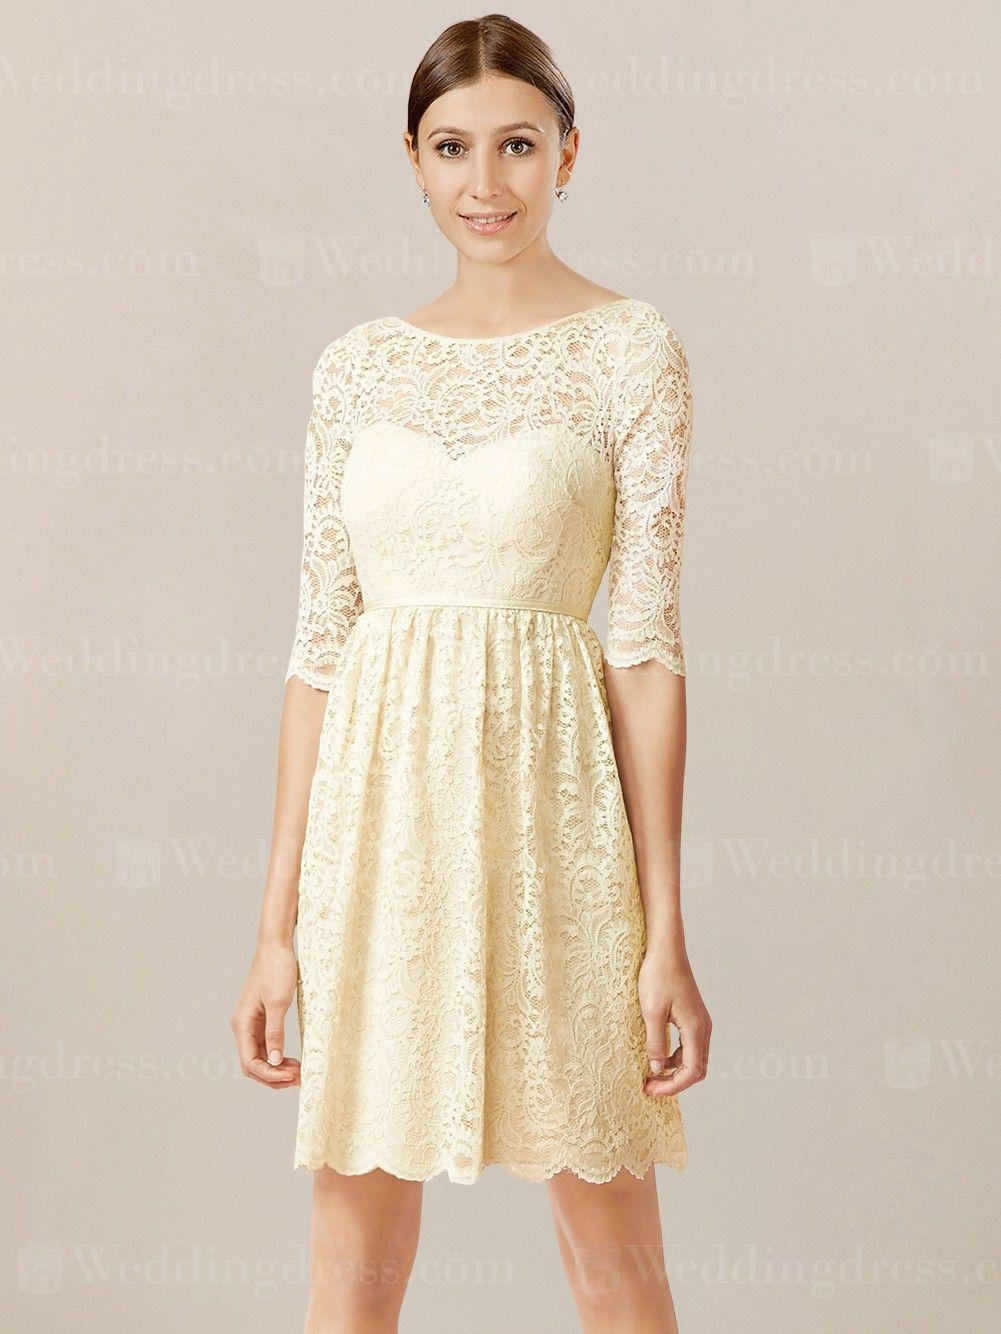 Short lace bridesmaid dress features a bateau neckline over